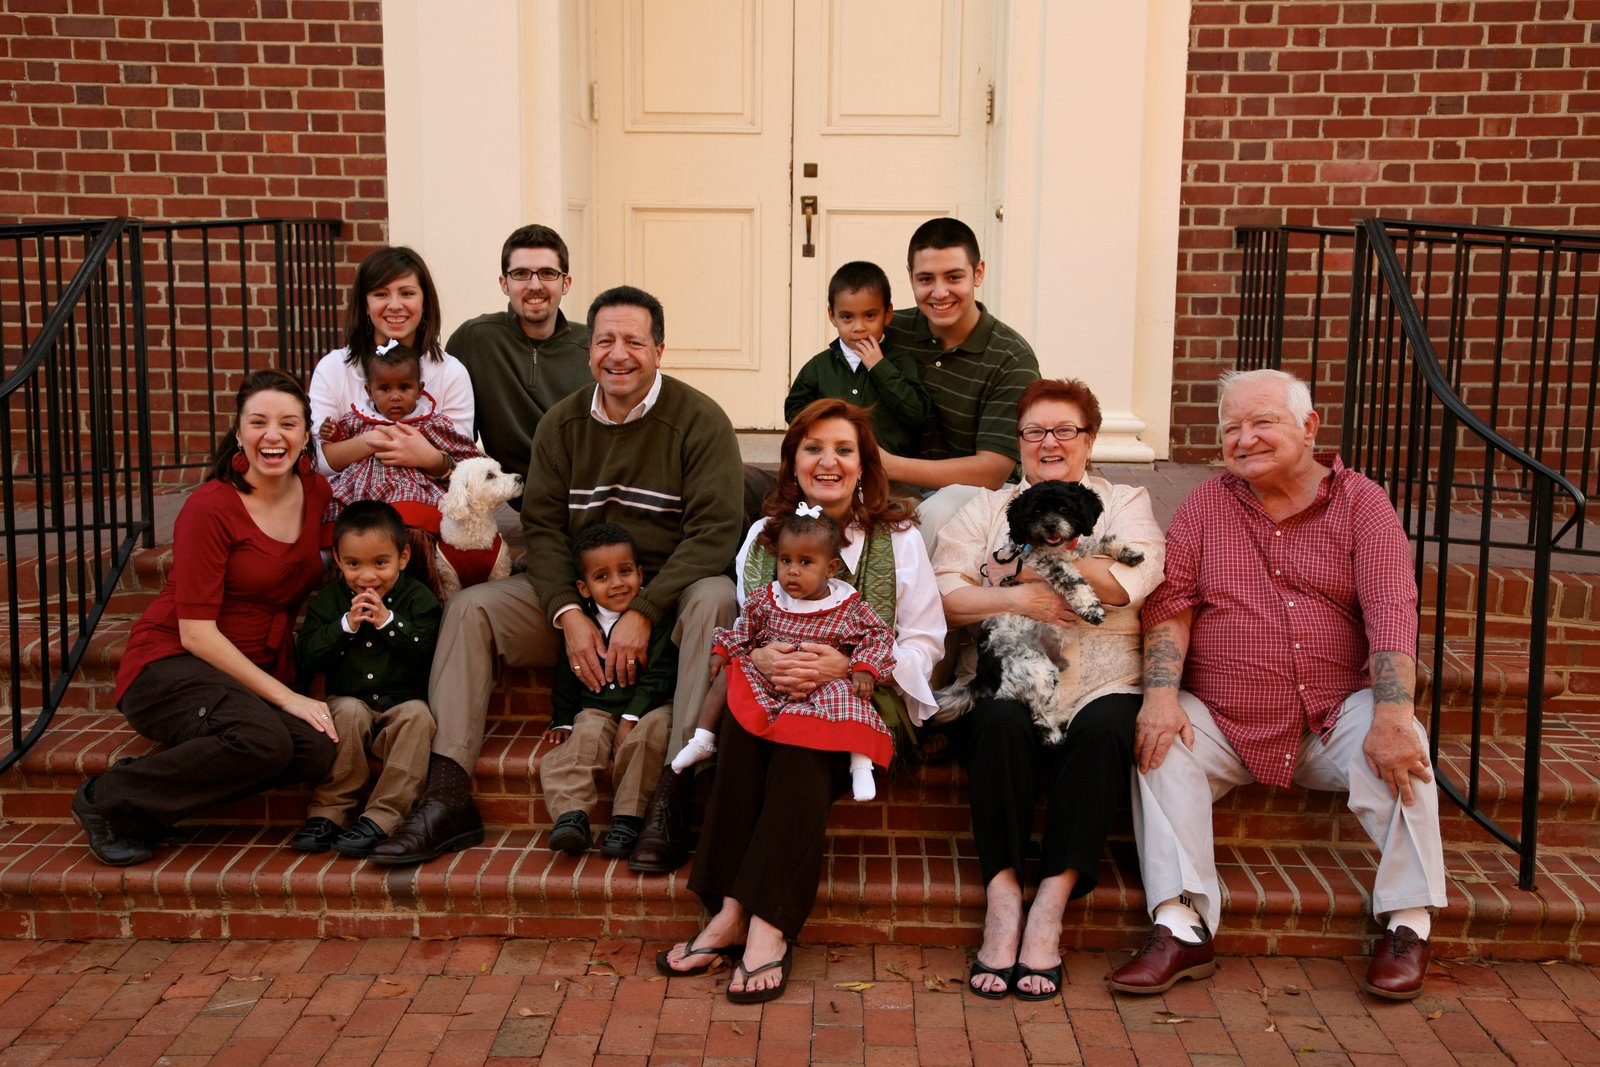 The Mestas Family